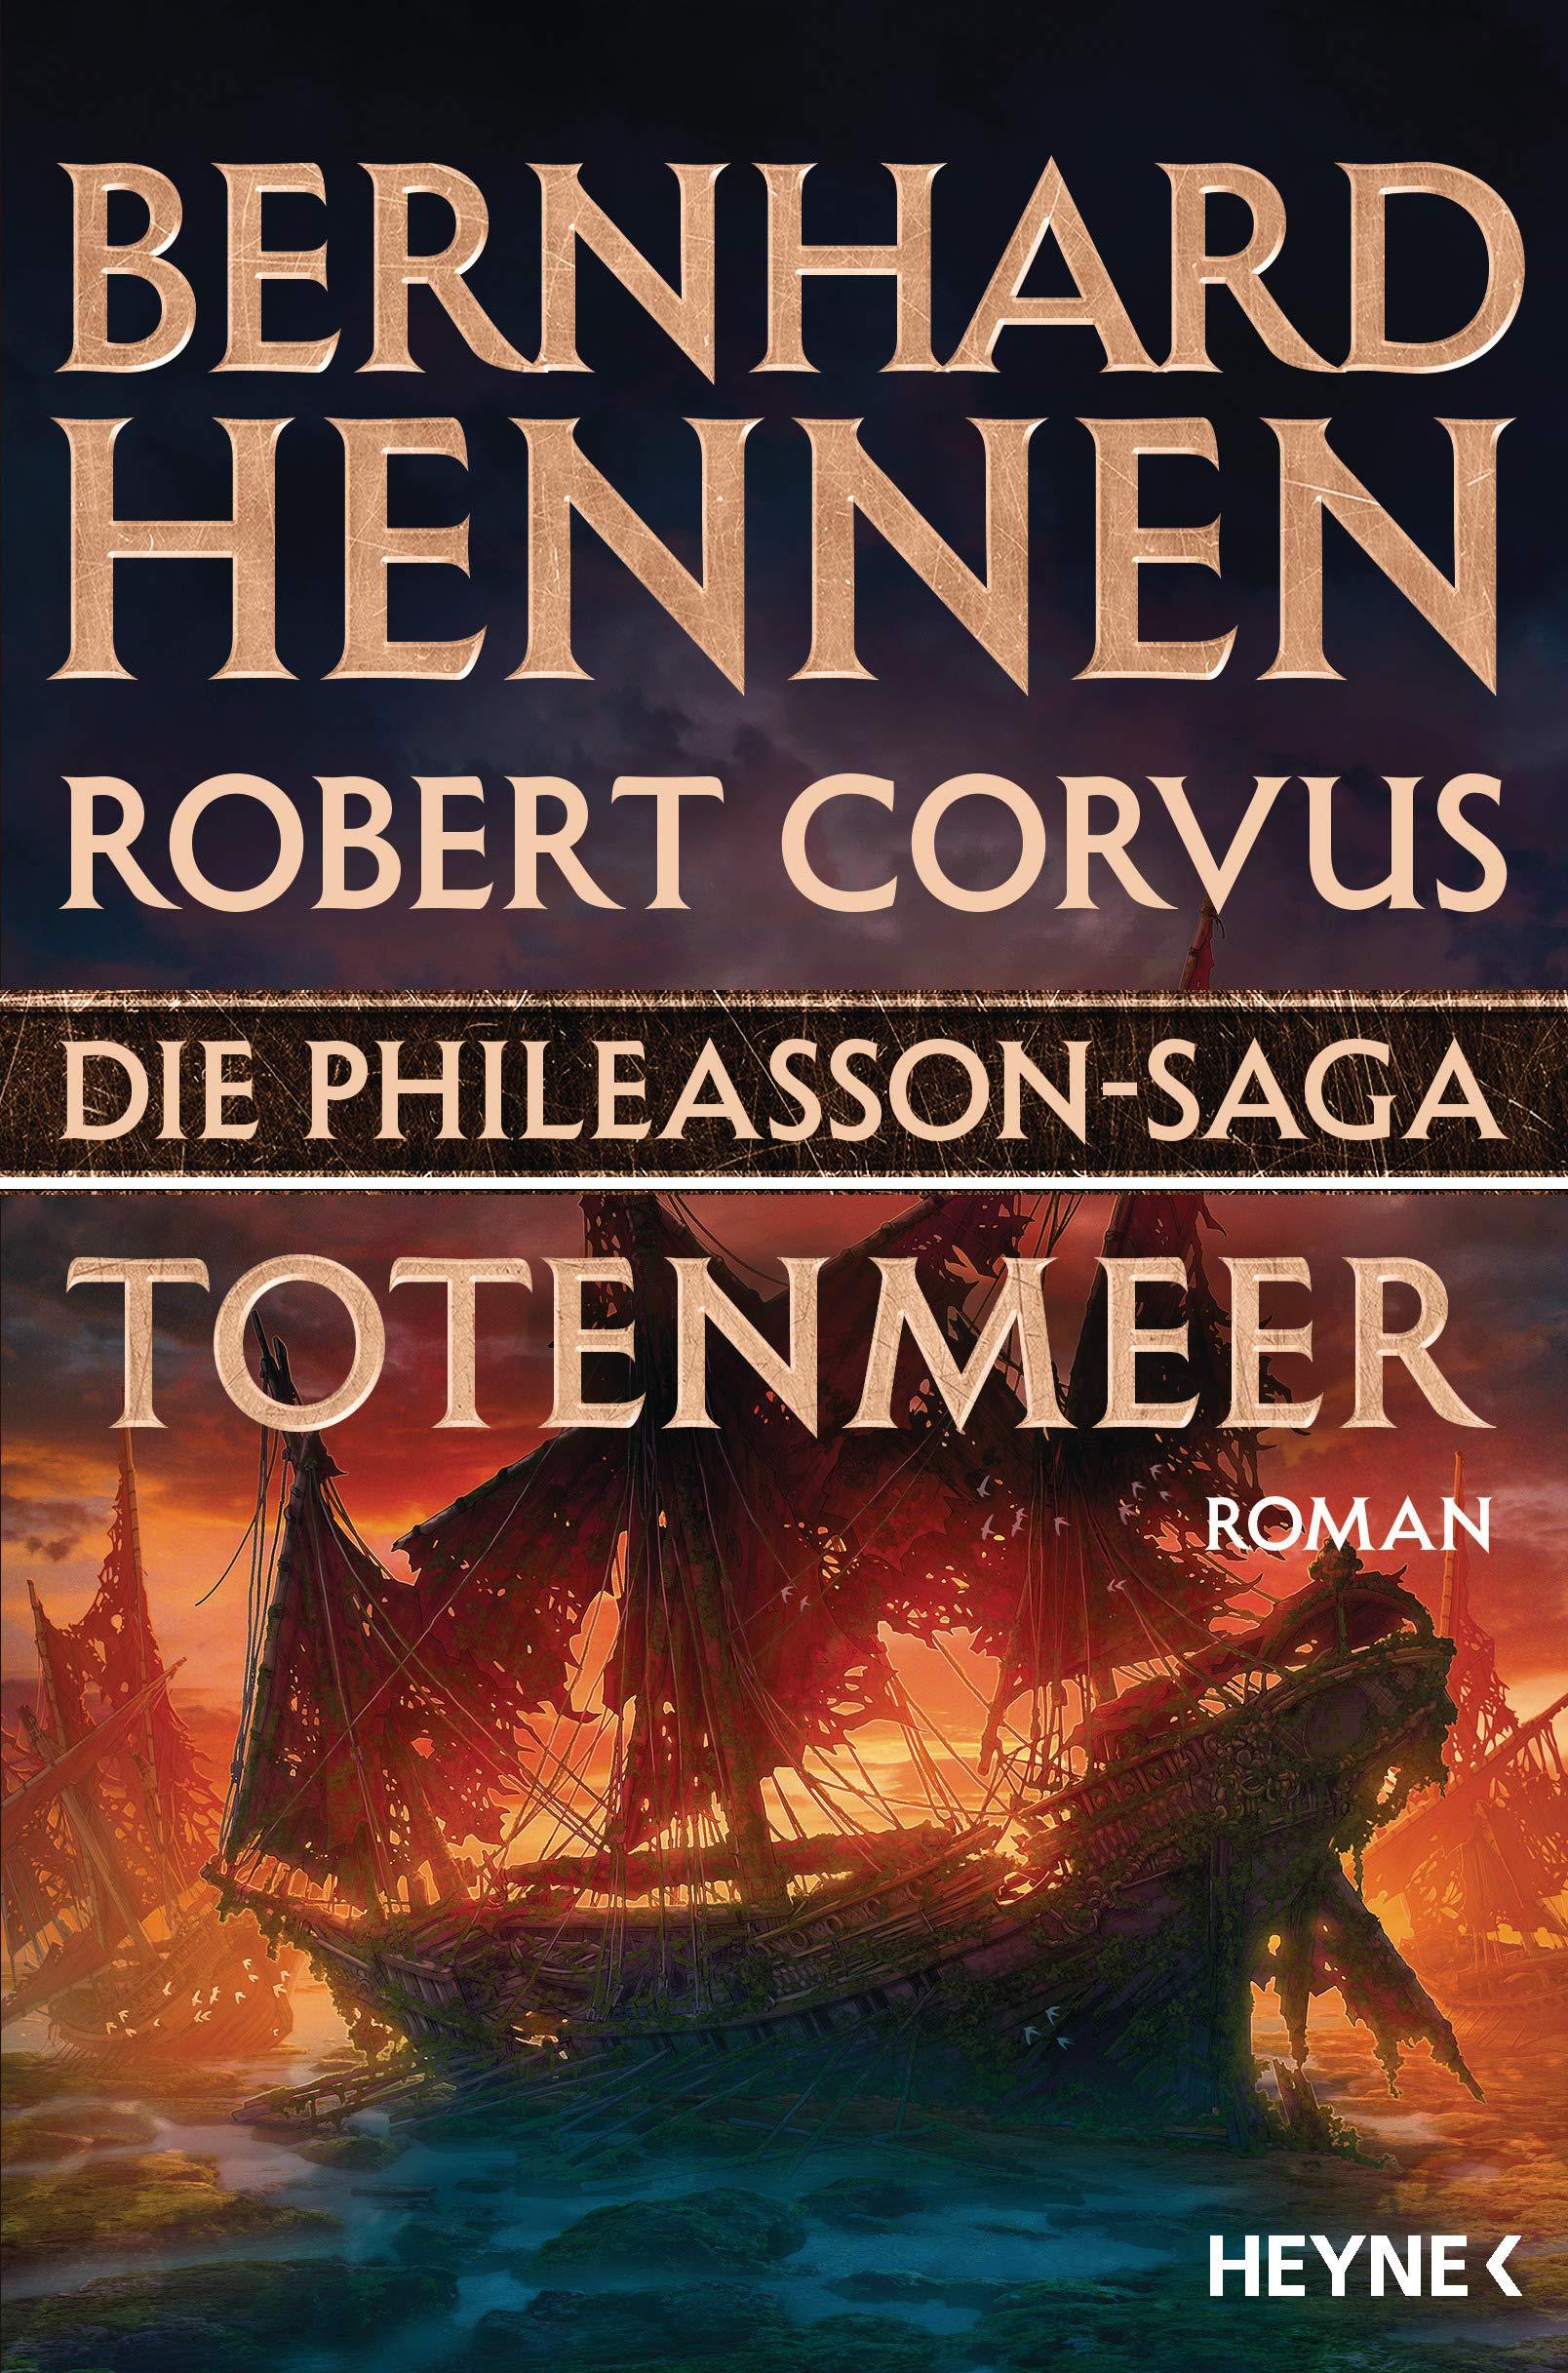 Die-Phileasson-Saga-Totenmeer_Bernhard-Hennen.jpg